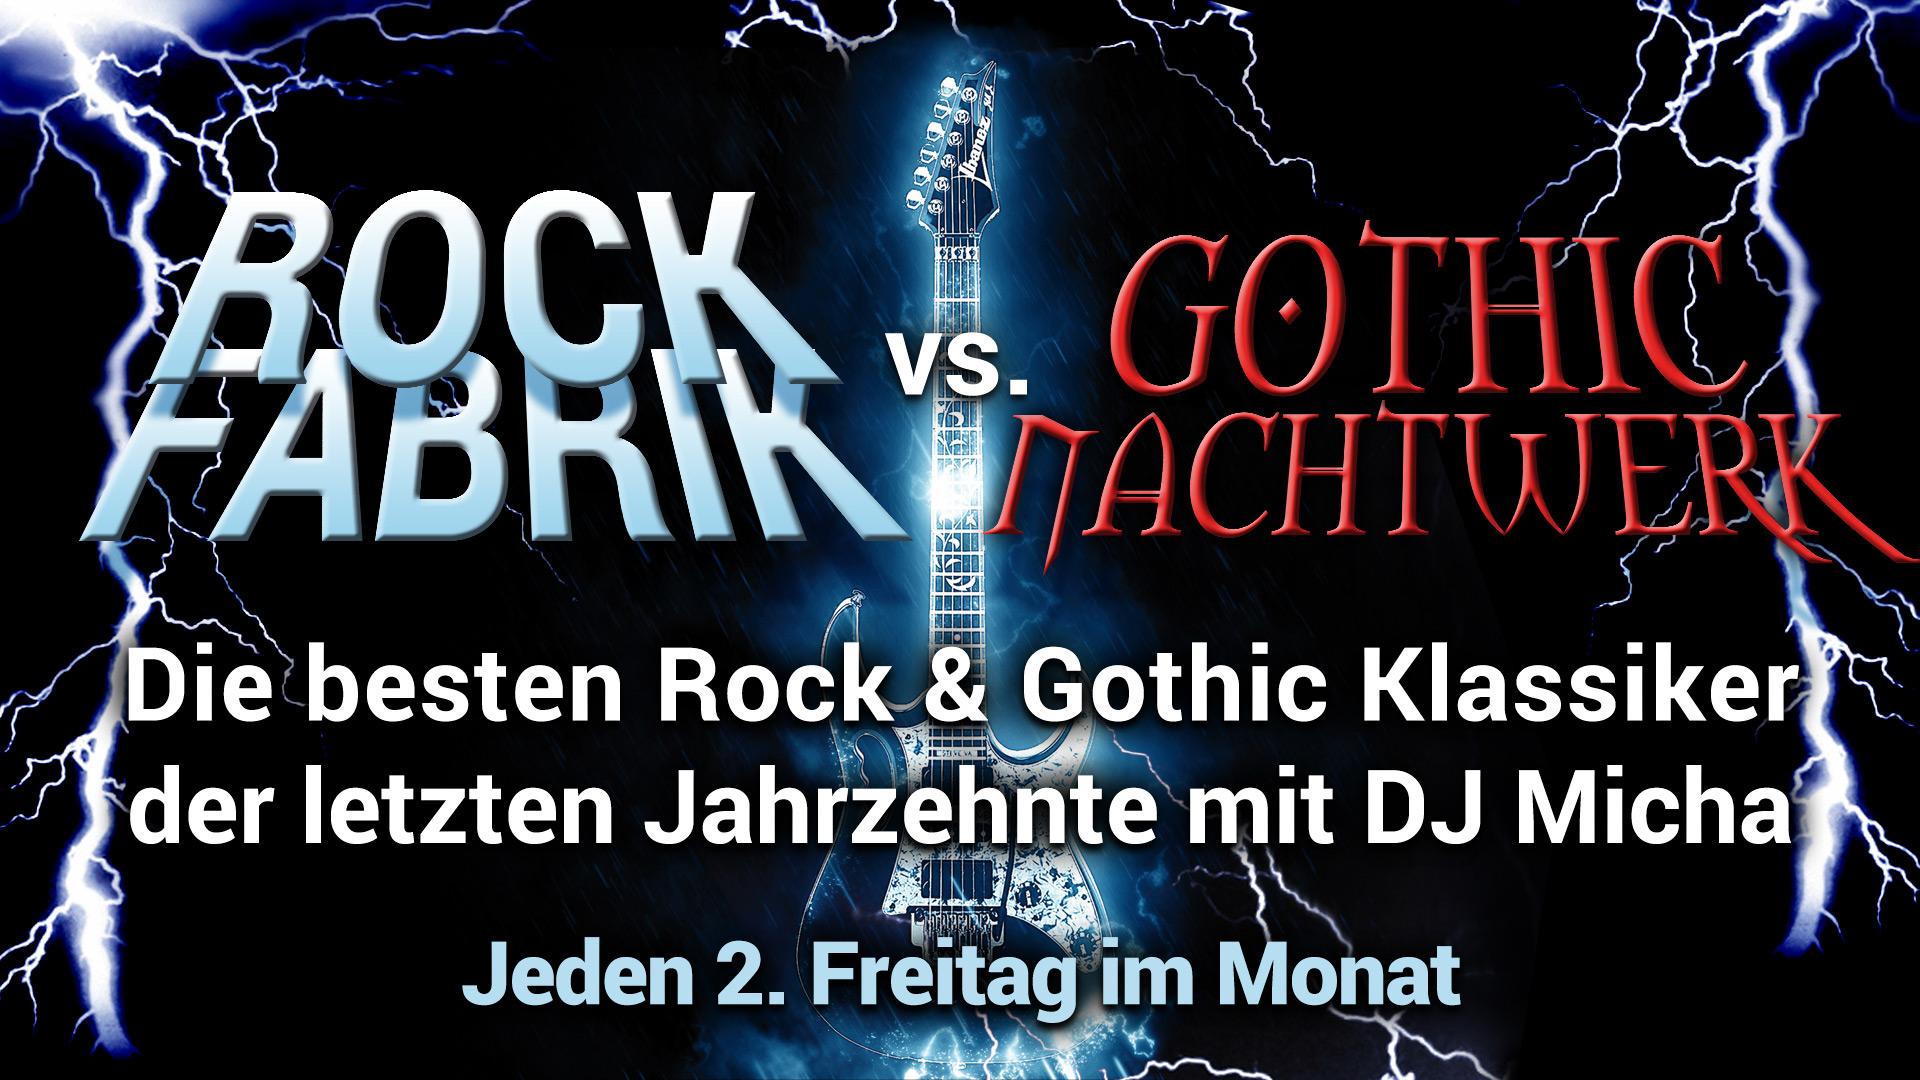 Rock Fabrik vs. Gothic Nachtwerk Karlsruhe. Die besten Rock und Gothic Klassiker der letzten Jahrzehnte mit DJ Micha.